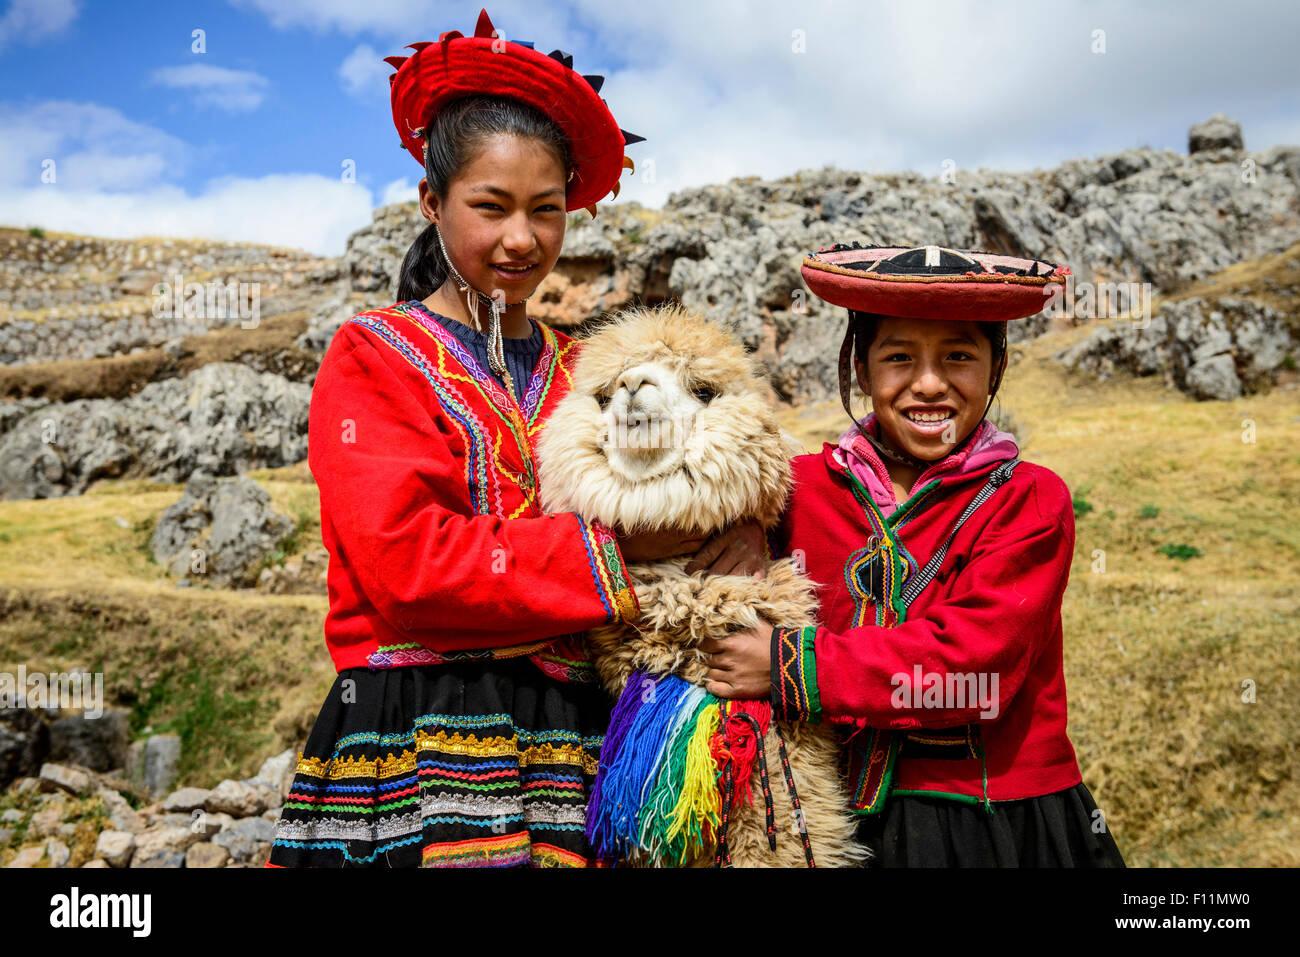 Hermanas hispanas sonriendo con llamas en el paisaje rural Imagen De Stock